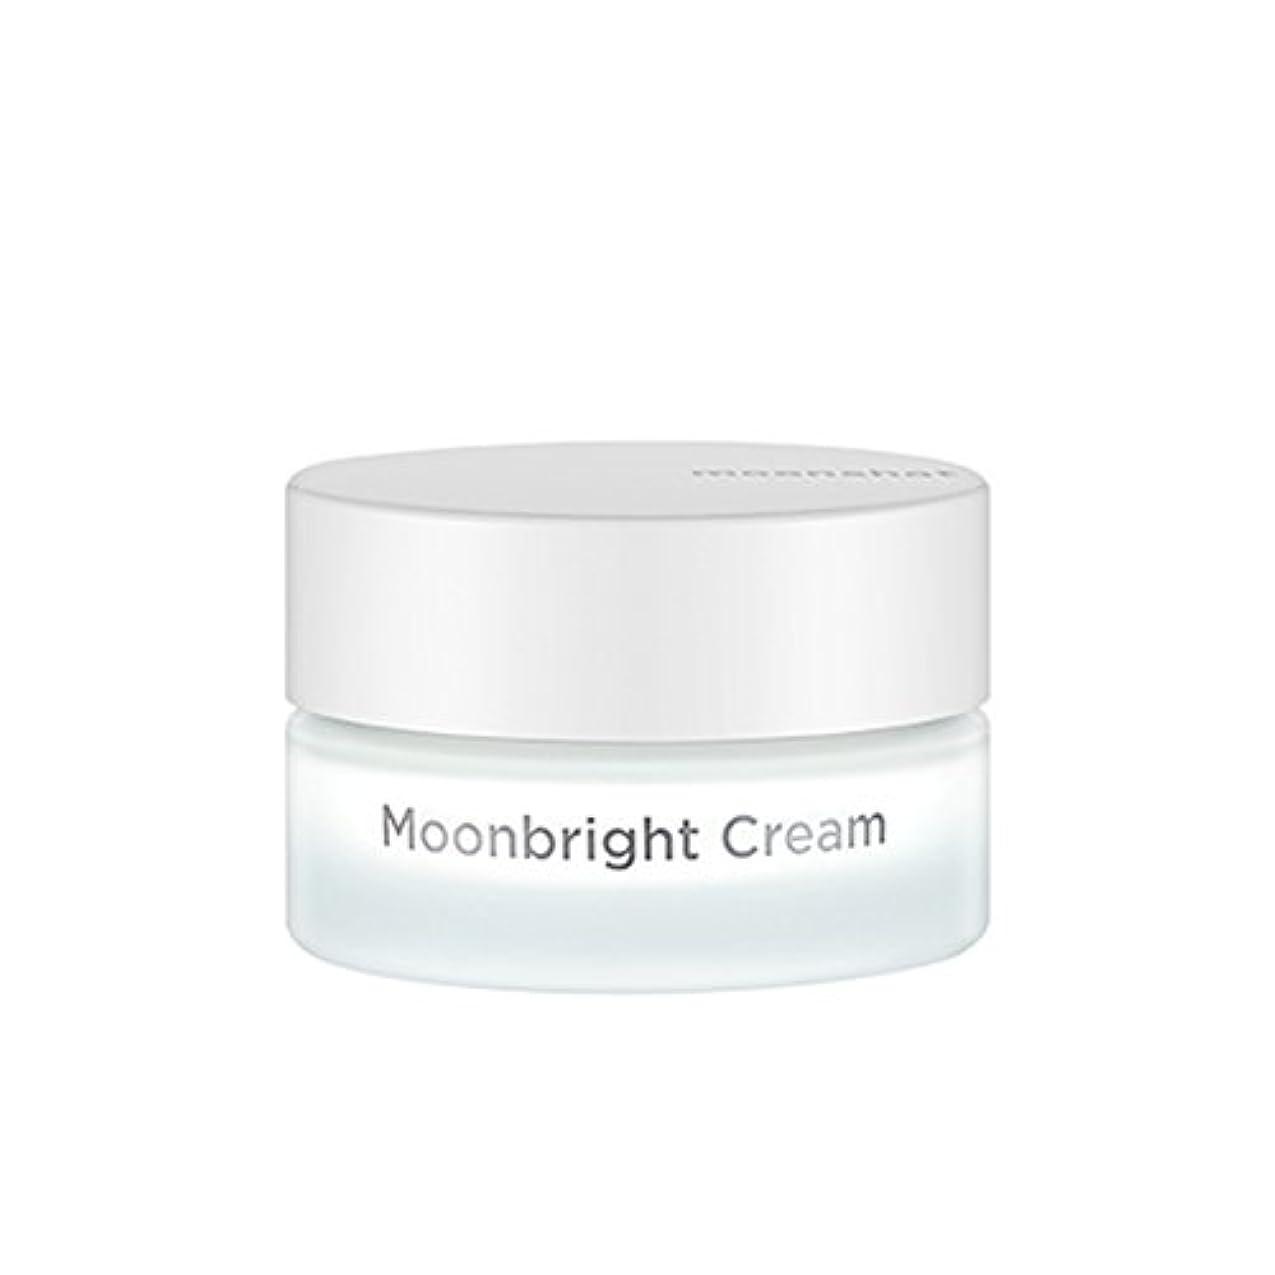 施し悔い改める驚いたことに【moonshot 公式】Moonshot Moonbright Cream ムーンショットブライトクリーム 肌トーンアップ ブライトニング YG公式コスメブランド 正規品 (割引配送(7-14日,300円割引))